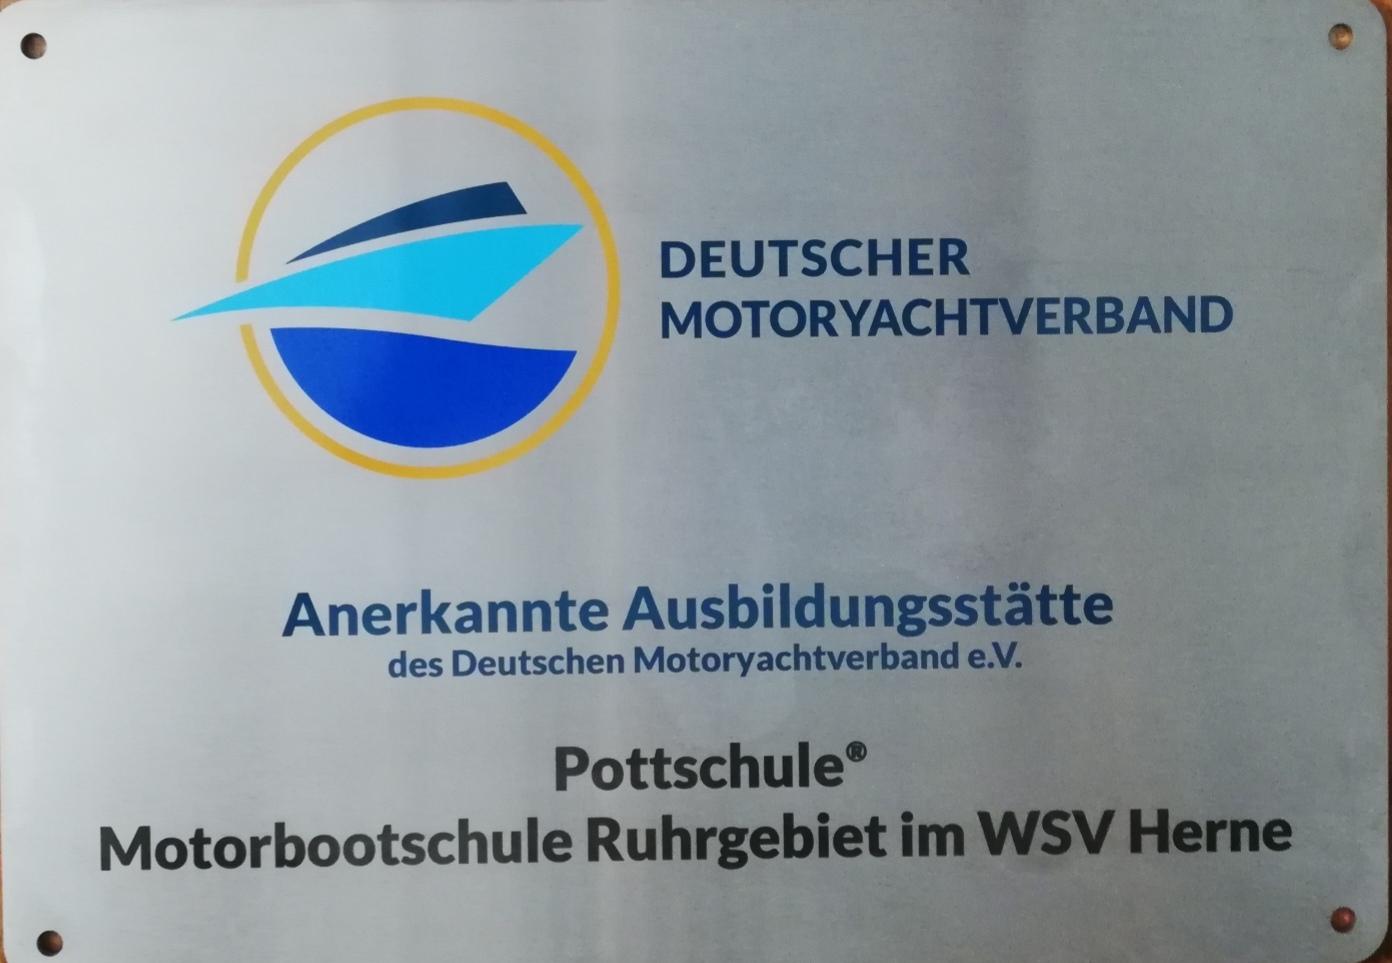 DMYV - Pottschule